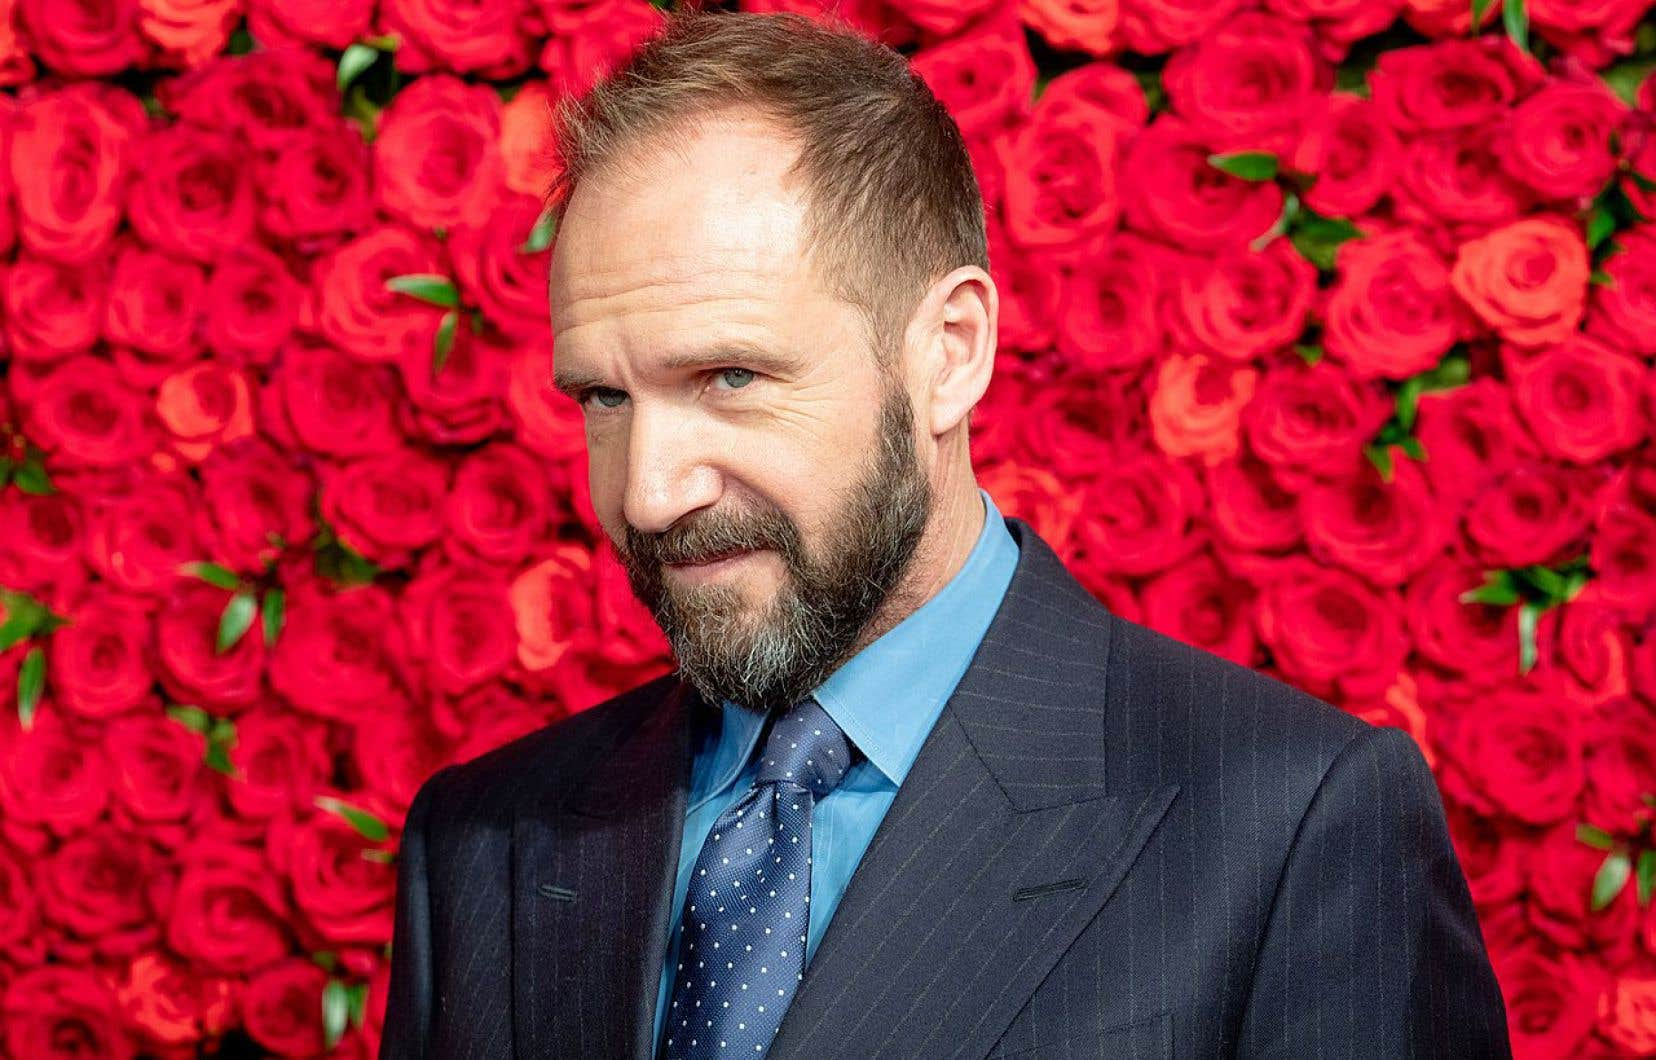 Selon Fiennes, c'eût été une erreur de présenter le danseur dépourvu de son tempérament bouillant, ou pis, d'en proposer une vision hagiographique.